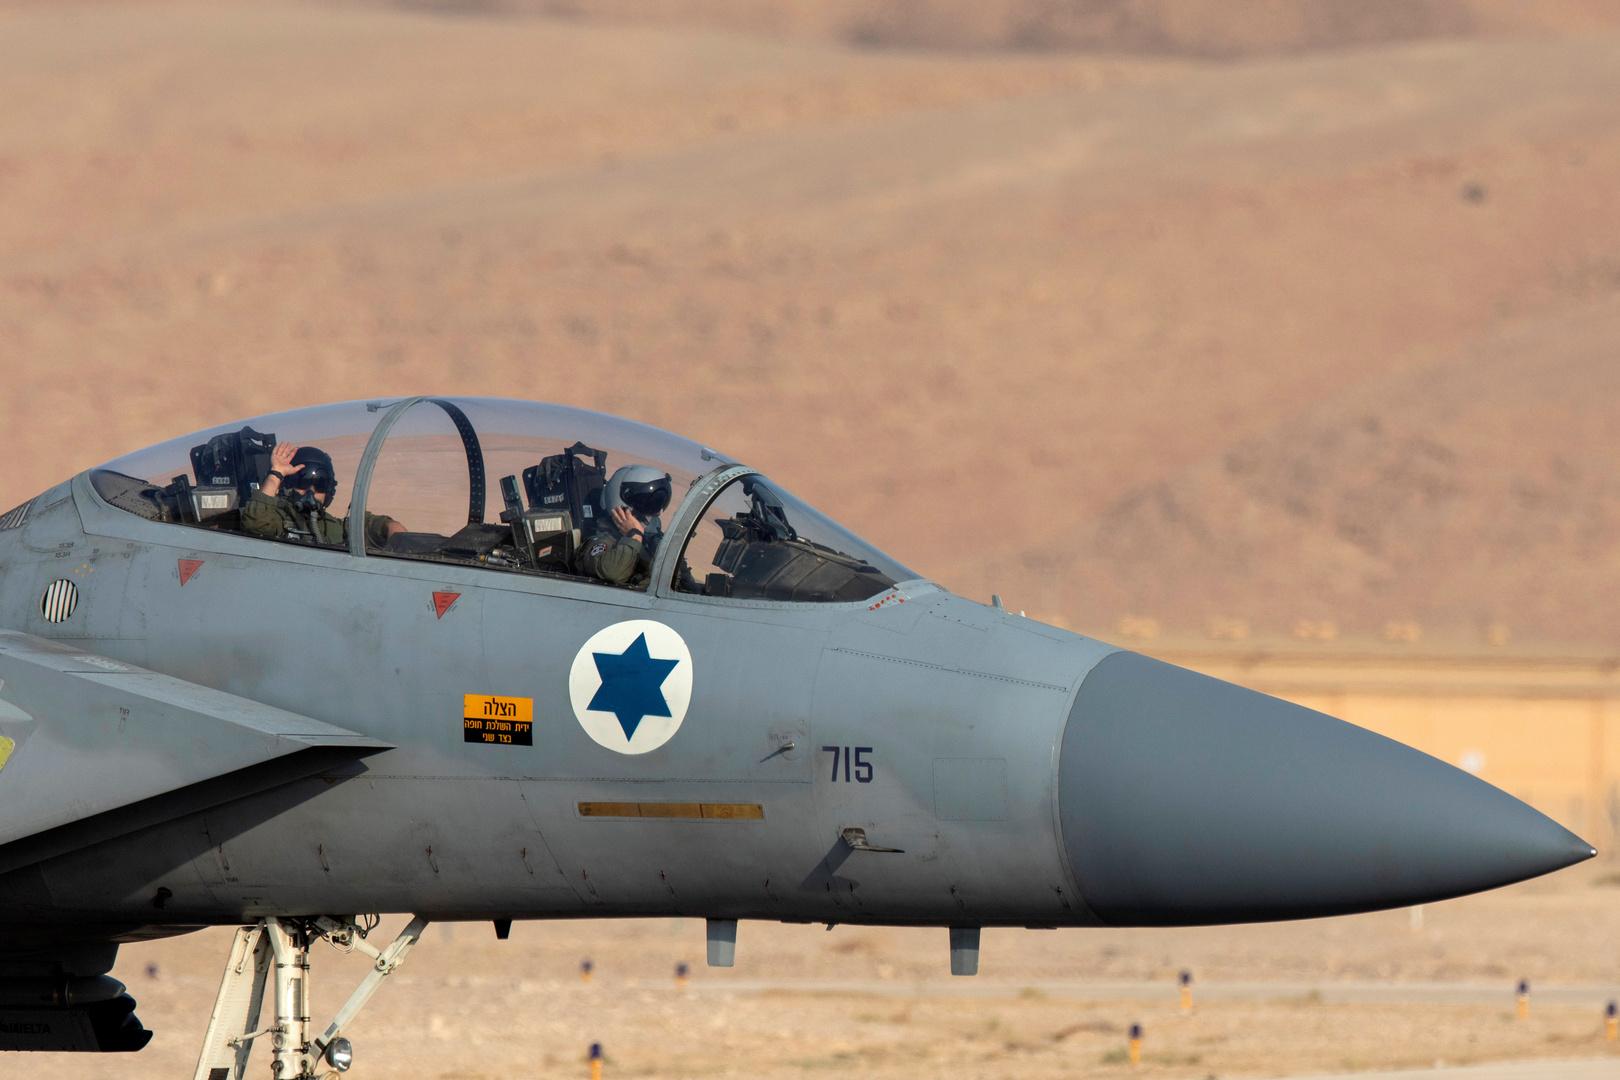 وكالة الأنباء اللبنانية: الطيران الحربي الإسرائيلي ينفذ غارات وهمية جنوب لبنان